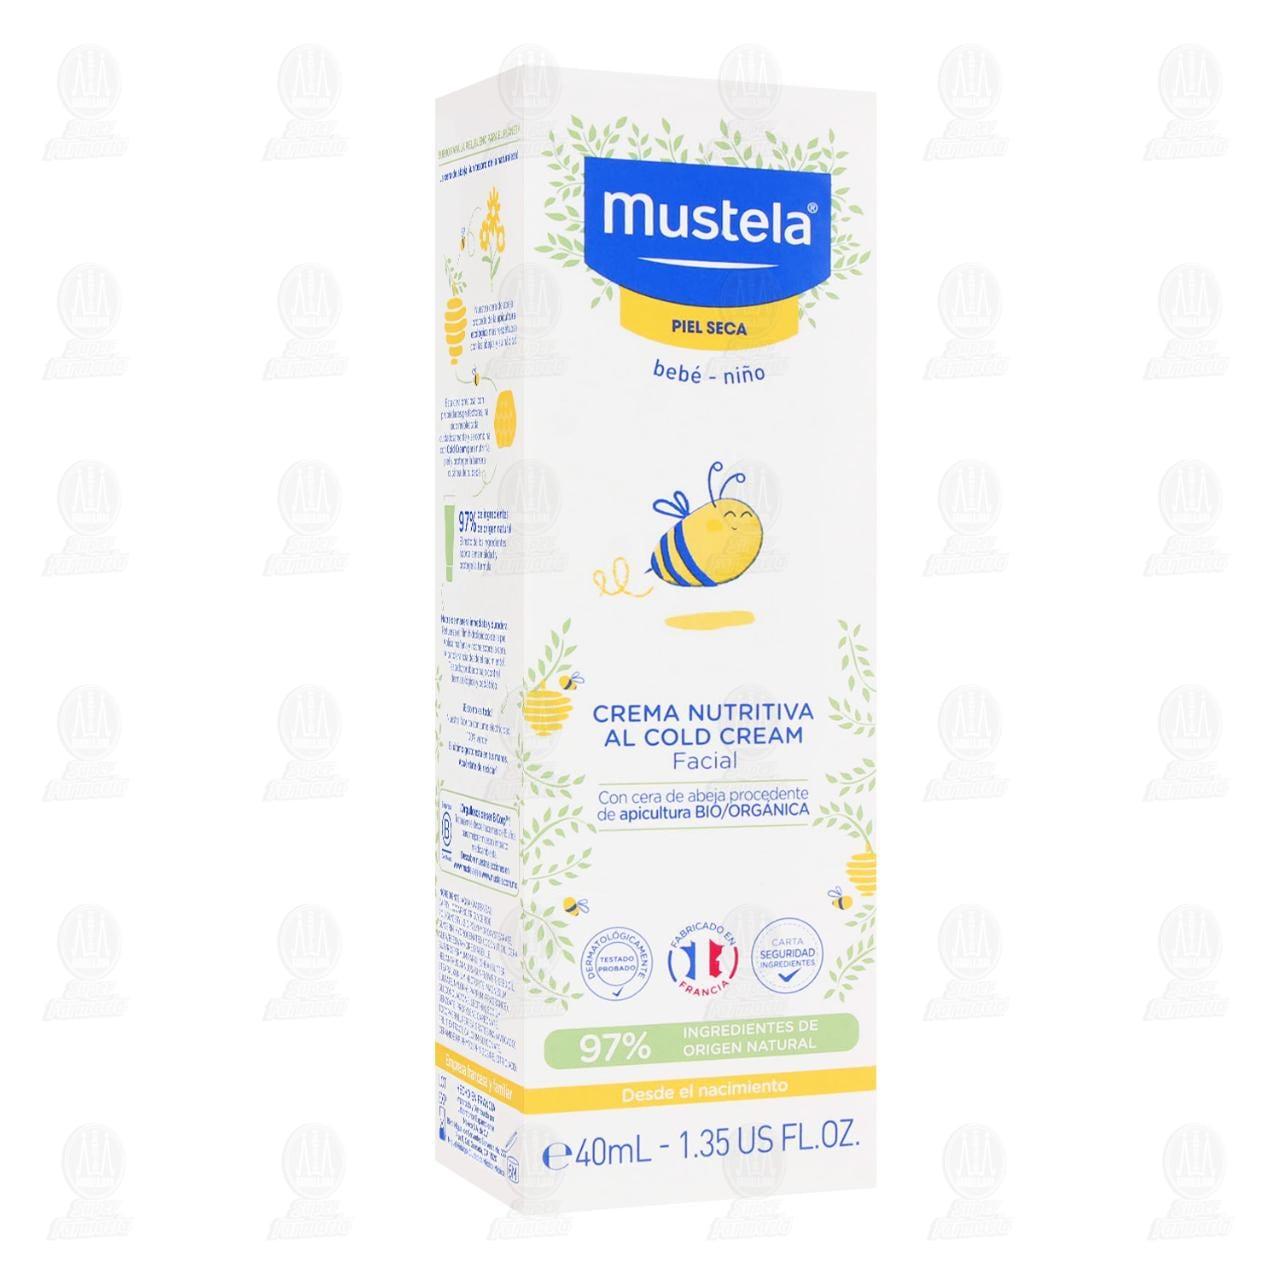 comprar https://www.movil.farmaciasguadalajara.com/wcsstore/FGCAS/wcs/products/1257463_A_1280_AL.jpg en farmacias guadalajara